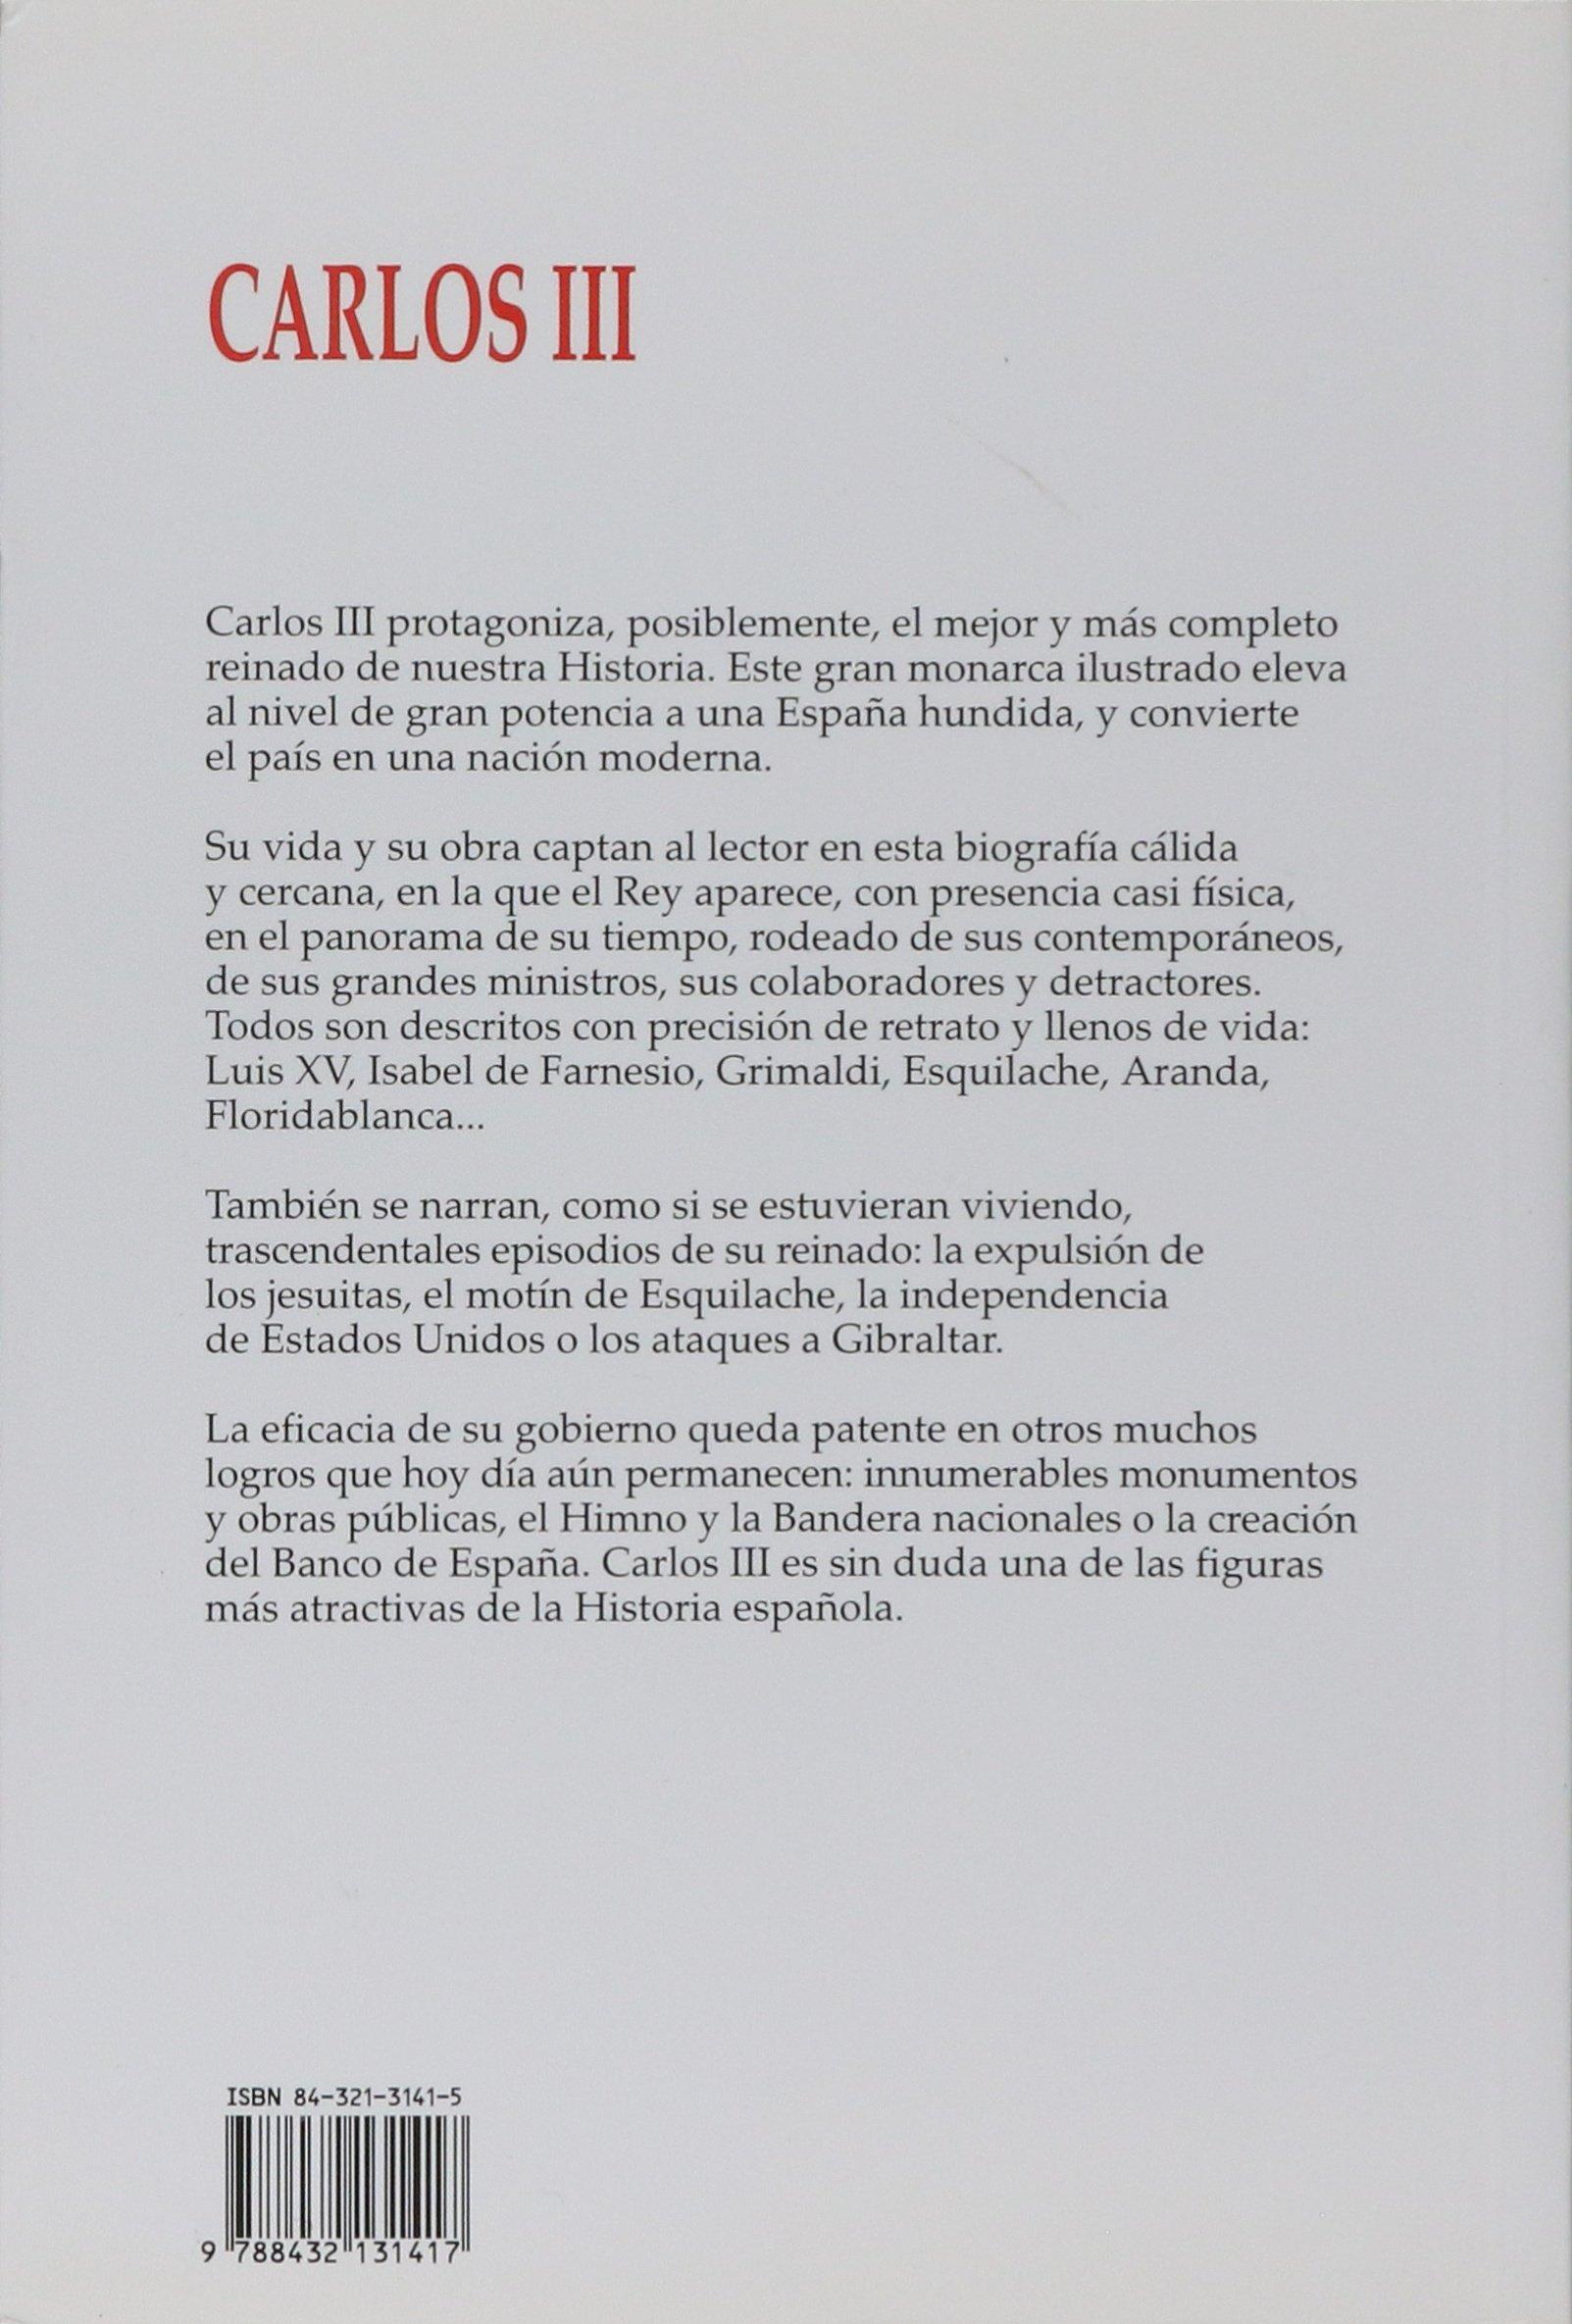 Carlos III (Historia y Biografías): Amazon.es: Vaca de Osma, José Antonio: Libros